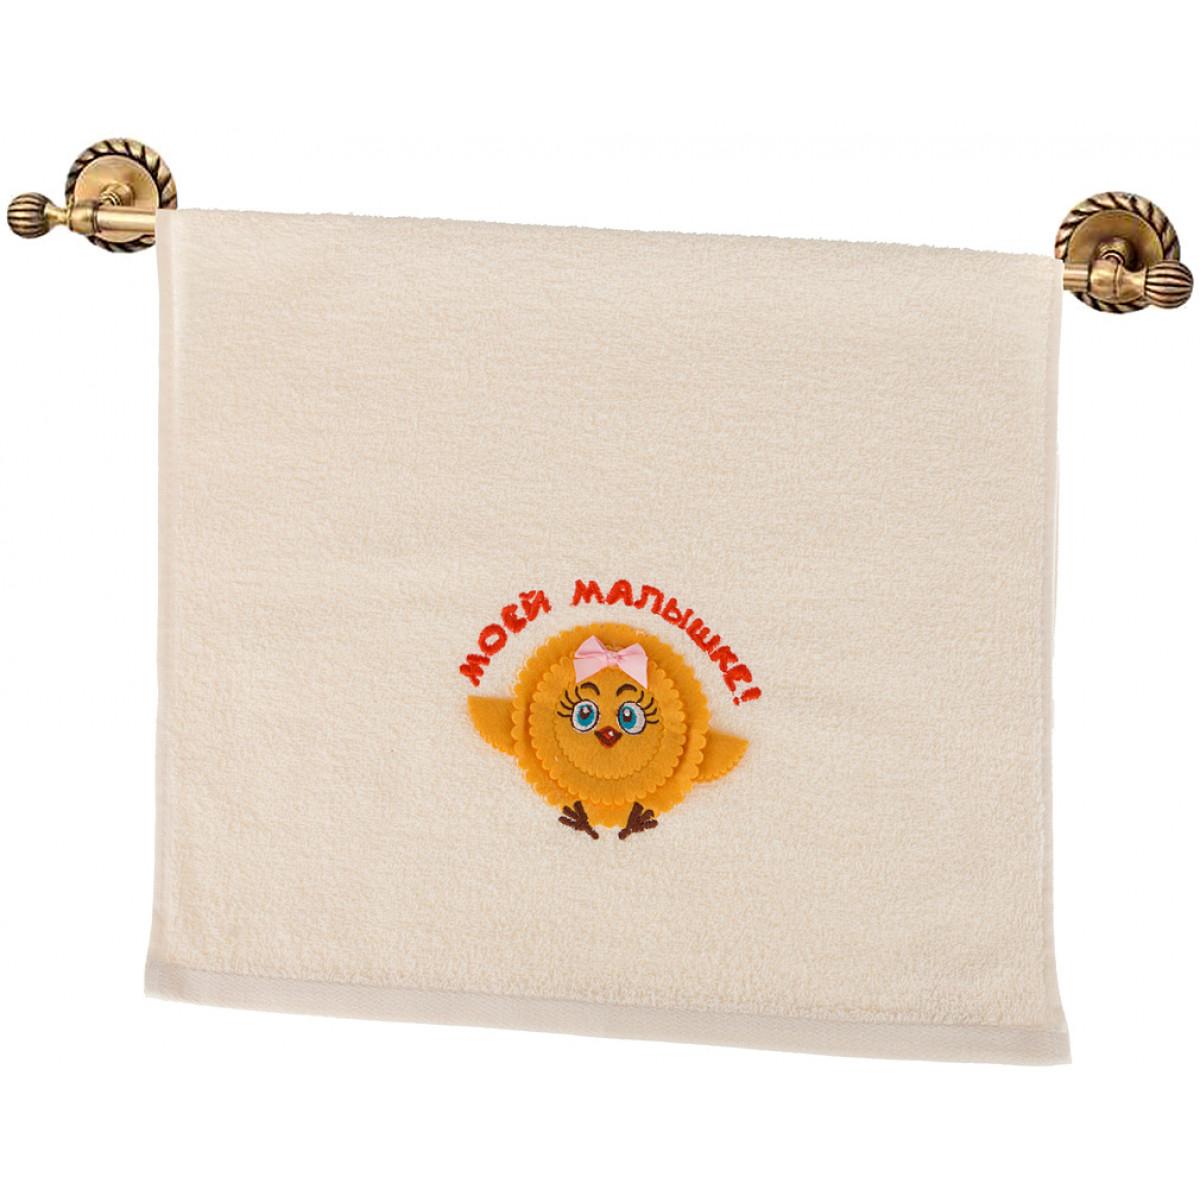 Полотенца Santalino Детское полотенце Kylie  (40х70 см) полотенца santalino полотенце shulamite 40х70 см